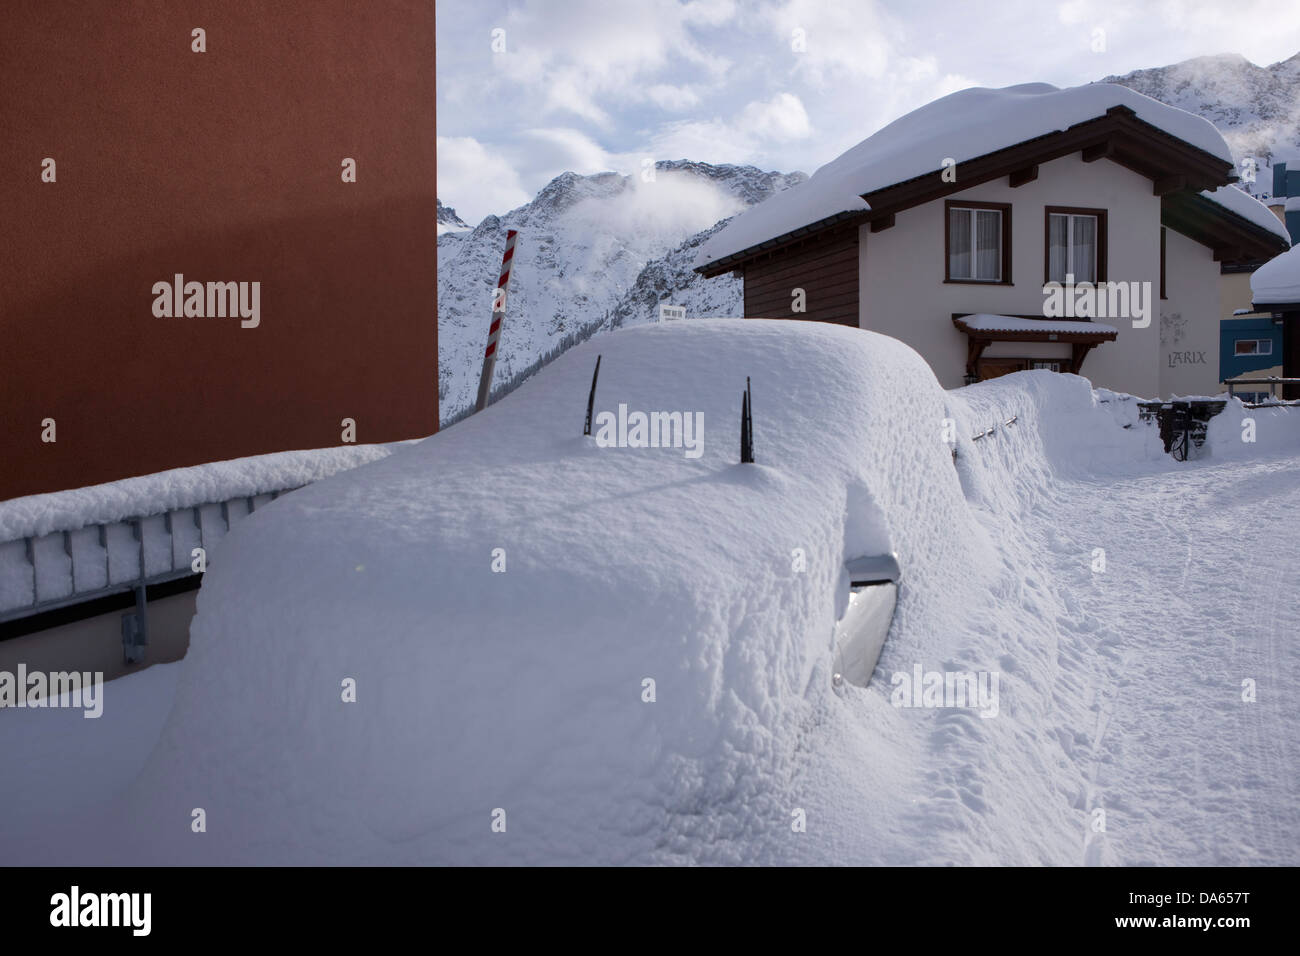 Snowbound, Auto, Automobil, Arosa, Berg, Berge, Winter, Kanton, GR, Graubünden, Graubünden, Schnee, Verkehr, Stockbild